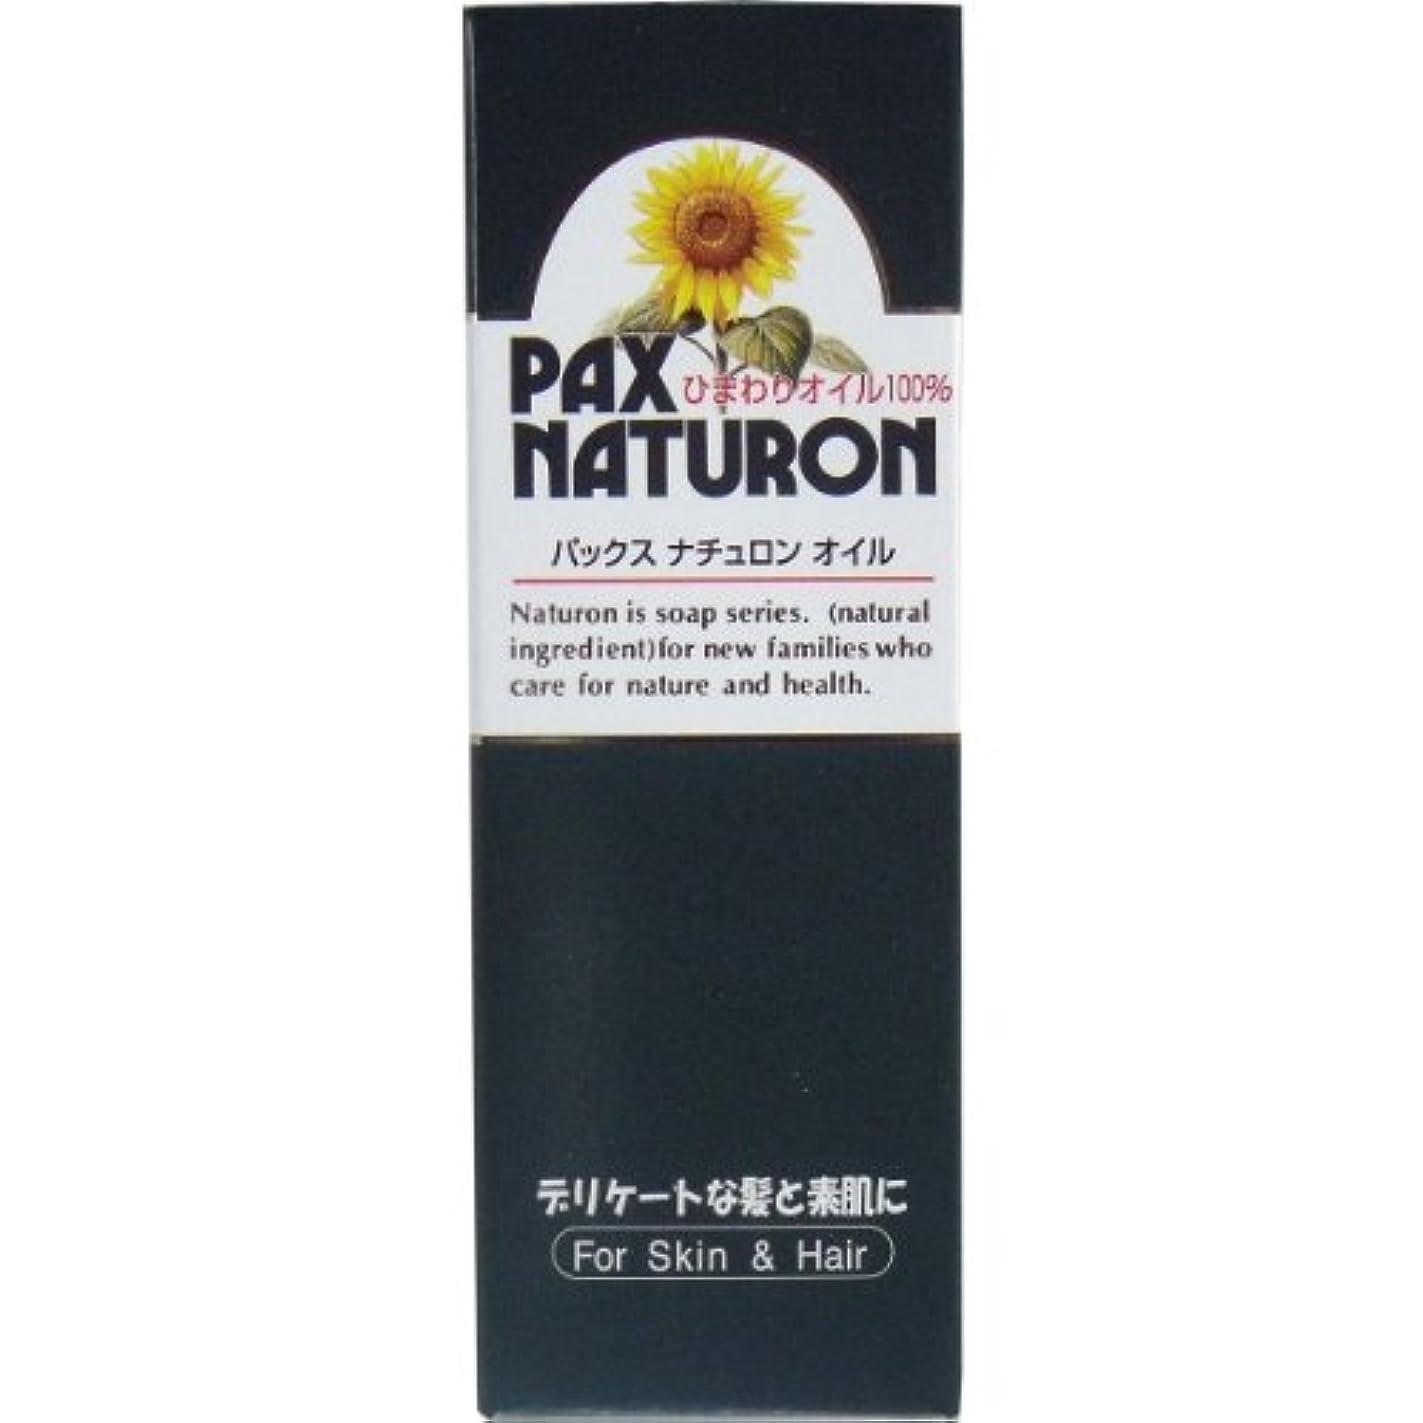 ウィザード文化ペルソナパックスナチュロンオイル 60ML × 3個セット